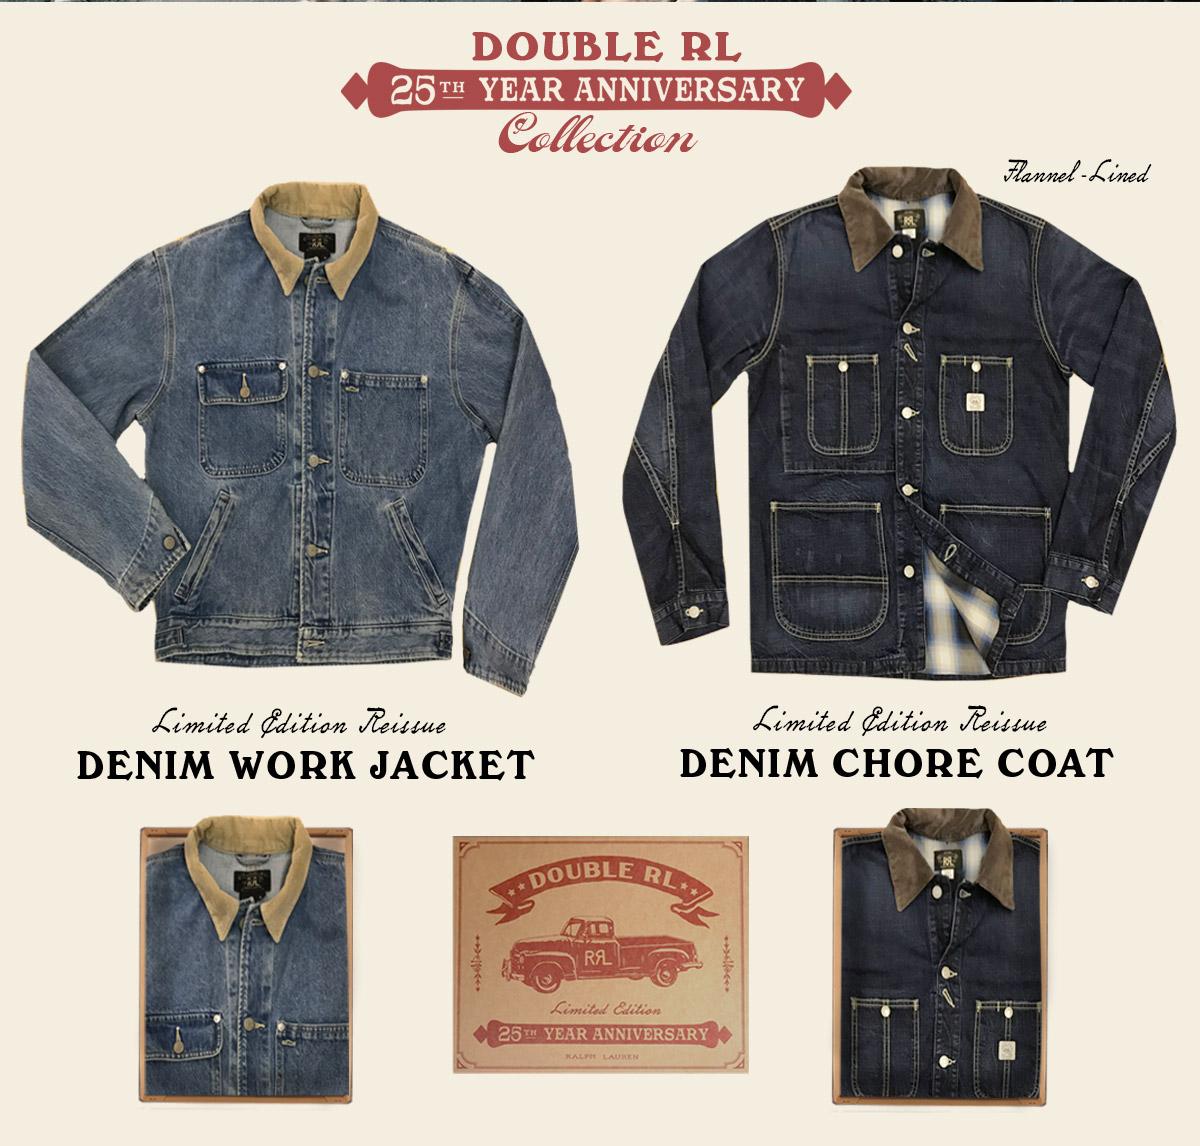 Denim work jacket & denim chore coat